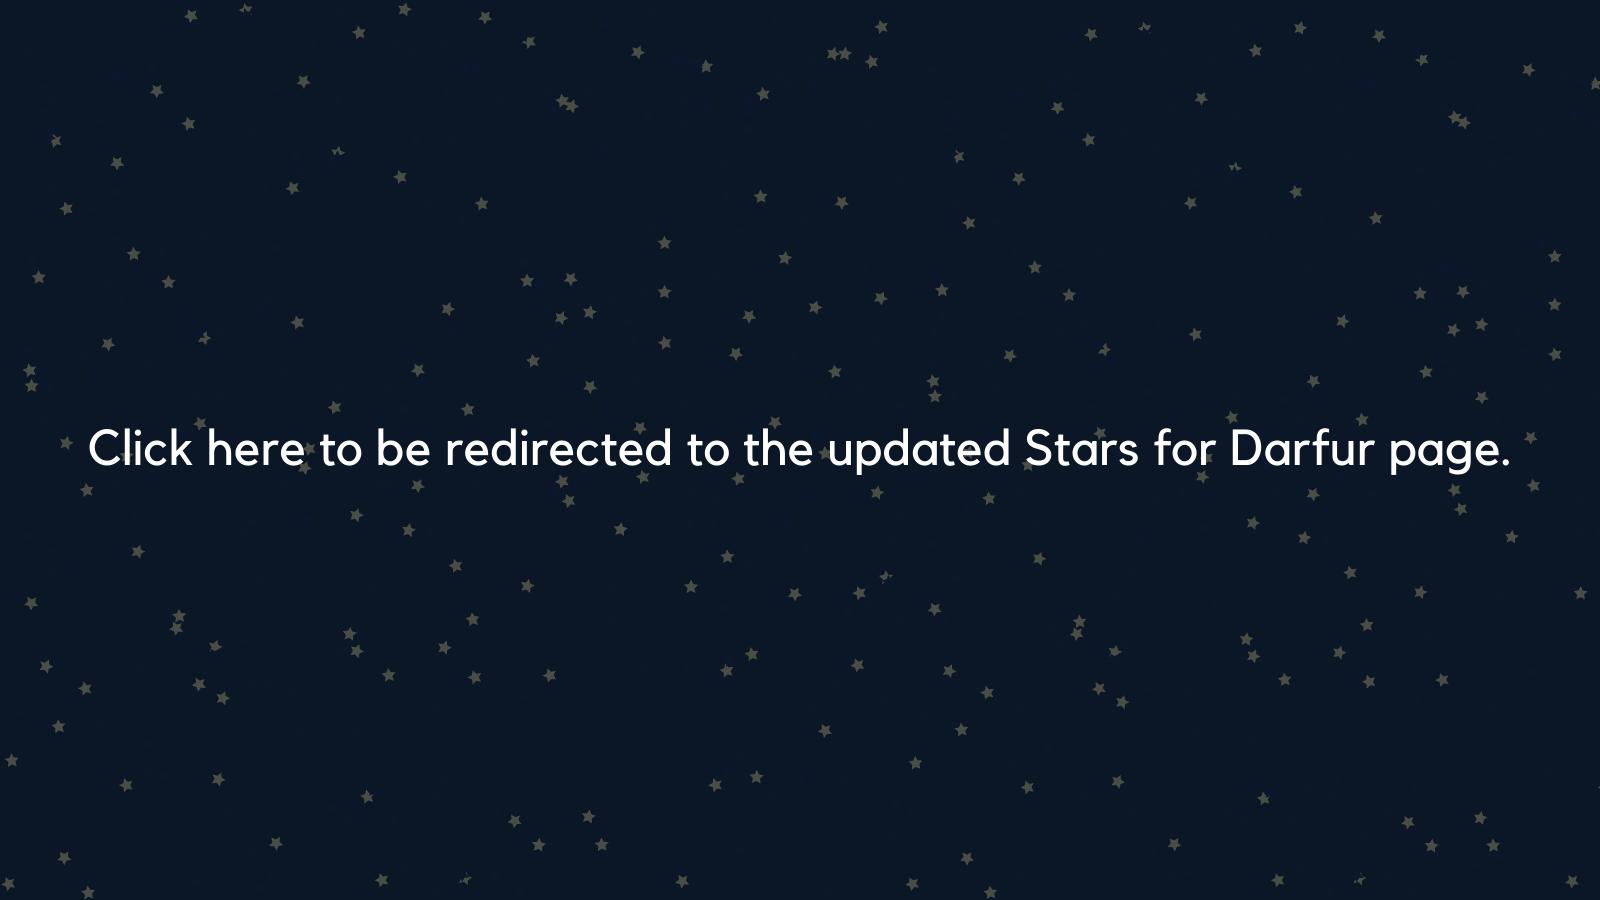 Stars for Darfur_Twitter Post